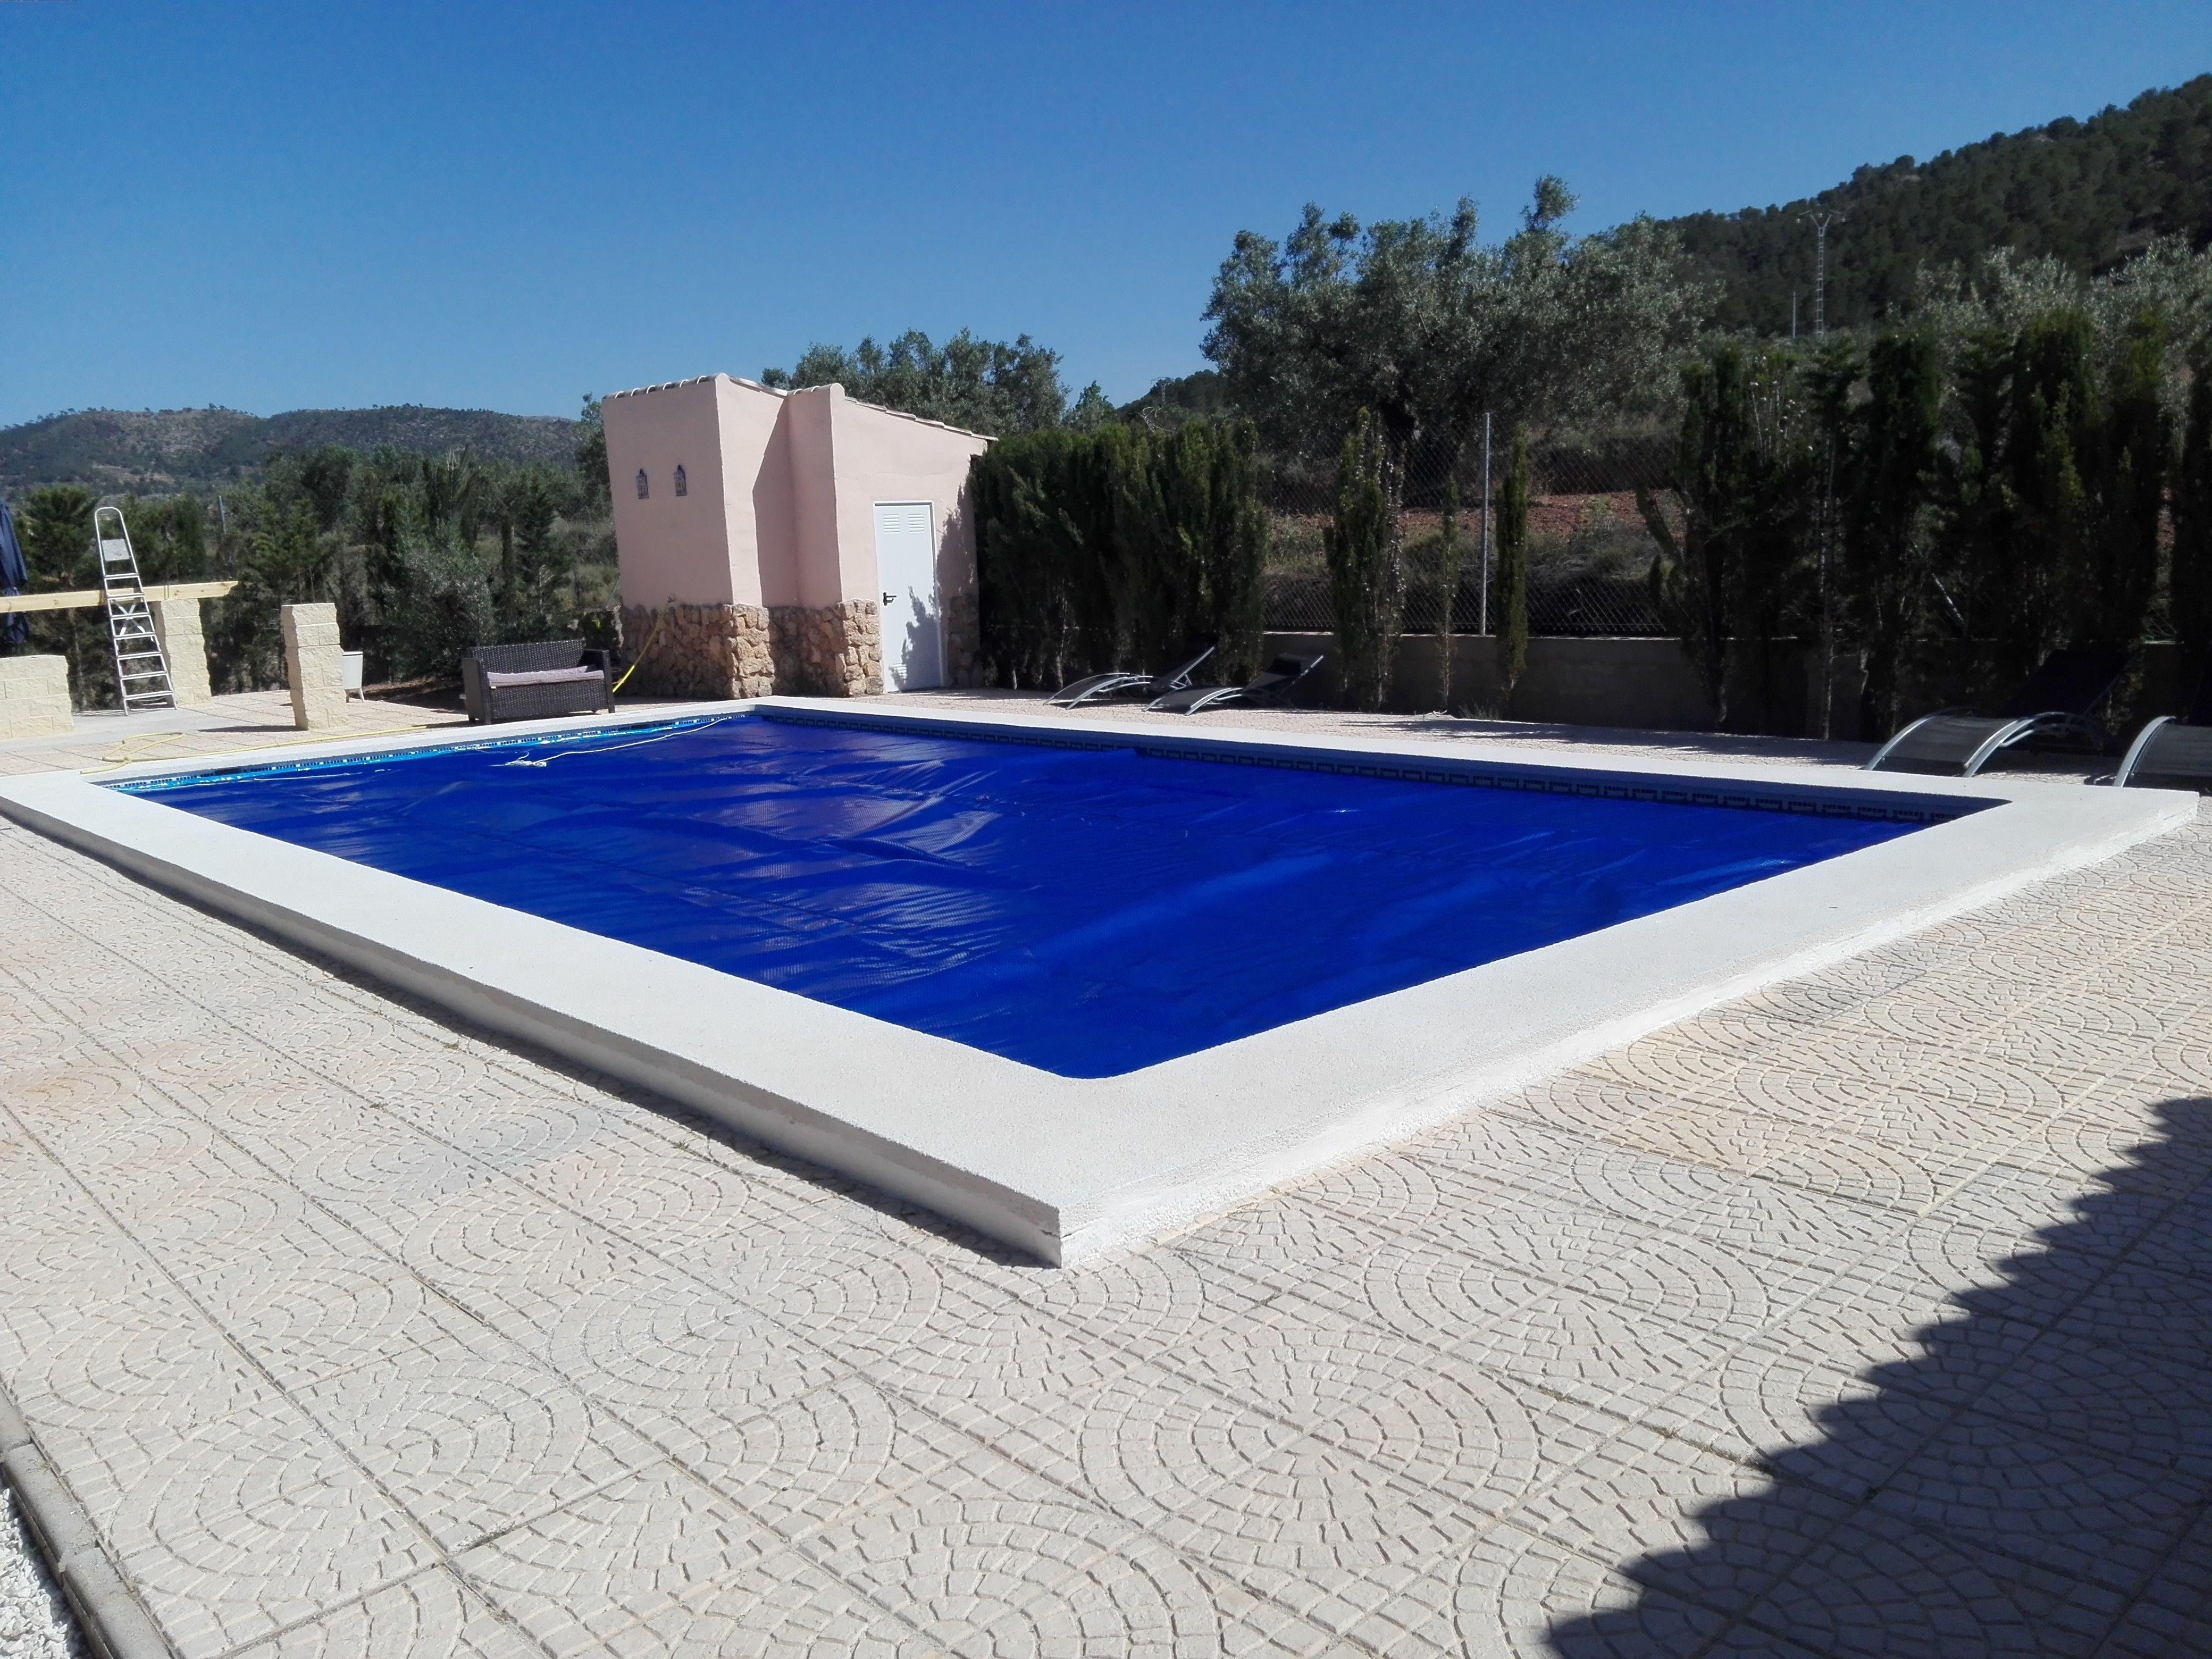 Lonas para calentar el agua de tu piscina lona de burbujas cobertores solares mantas - Burbujas para piscinas ...